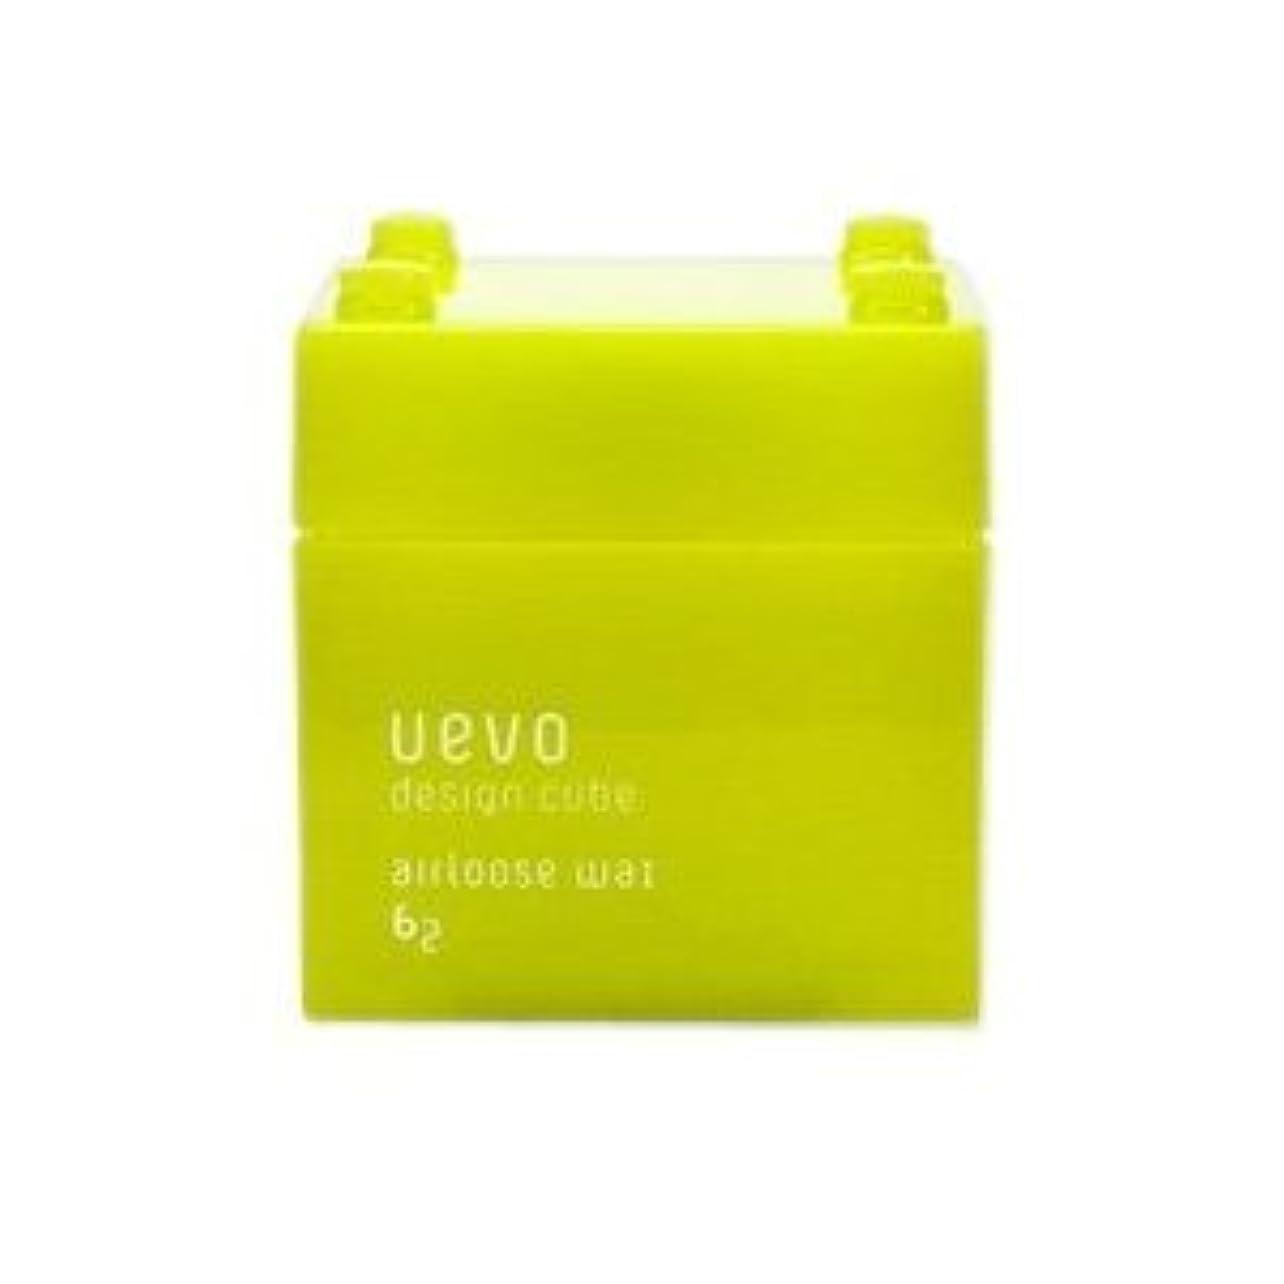 インセンティブヒステリック生物学【X2個セット】 デミ ウェーボ デザインキューブ エアルーズワックス 80g airloose wax DEMI uevo design cube